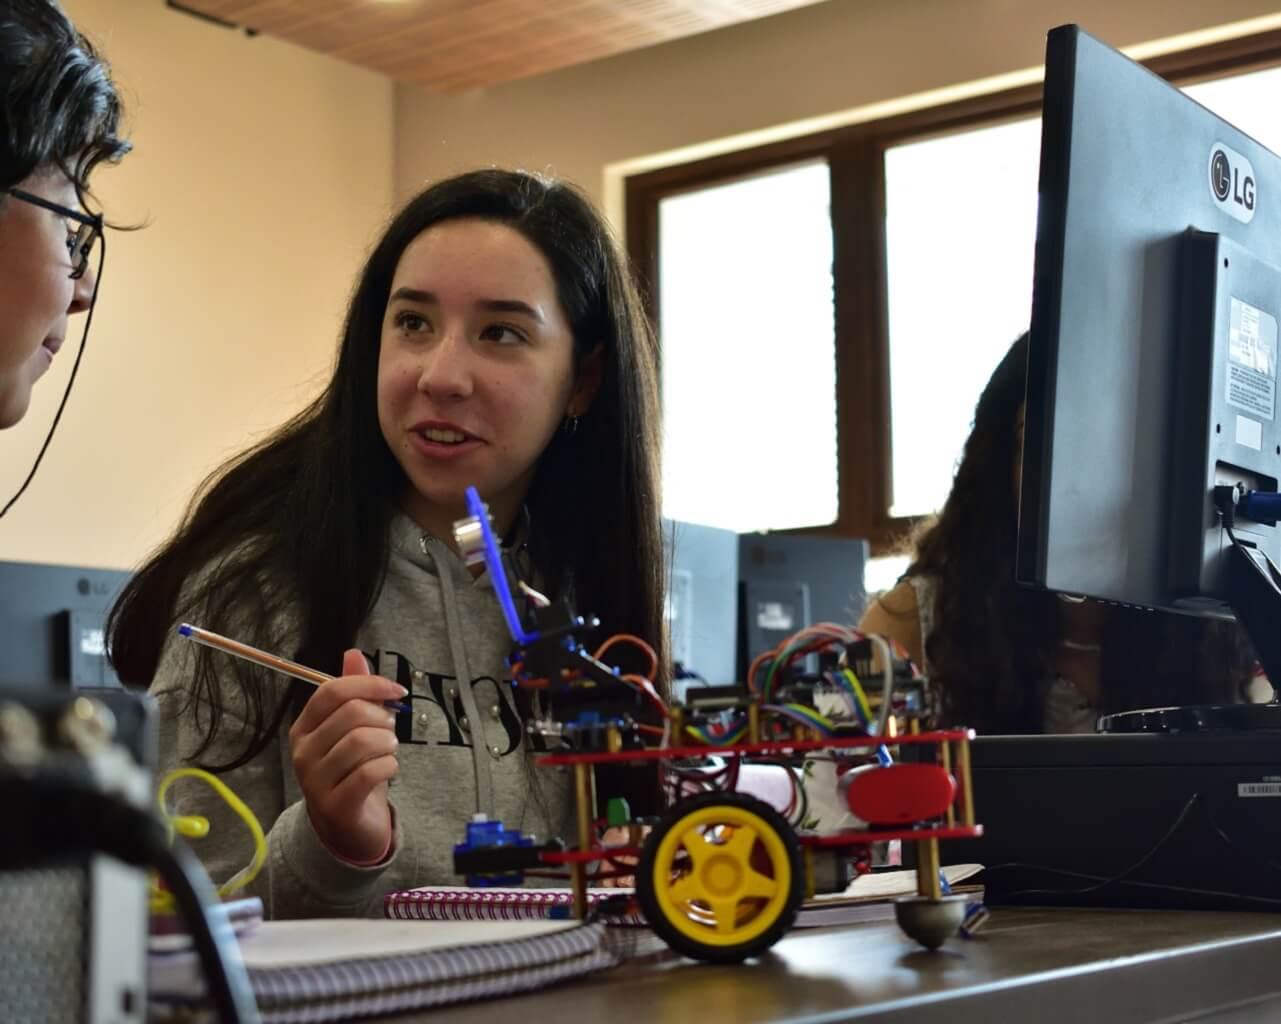 Ingeniería de la UTALCA realizará talleres de robótica gratuitos